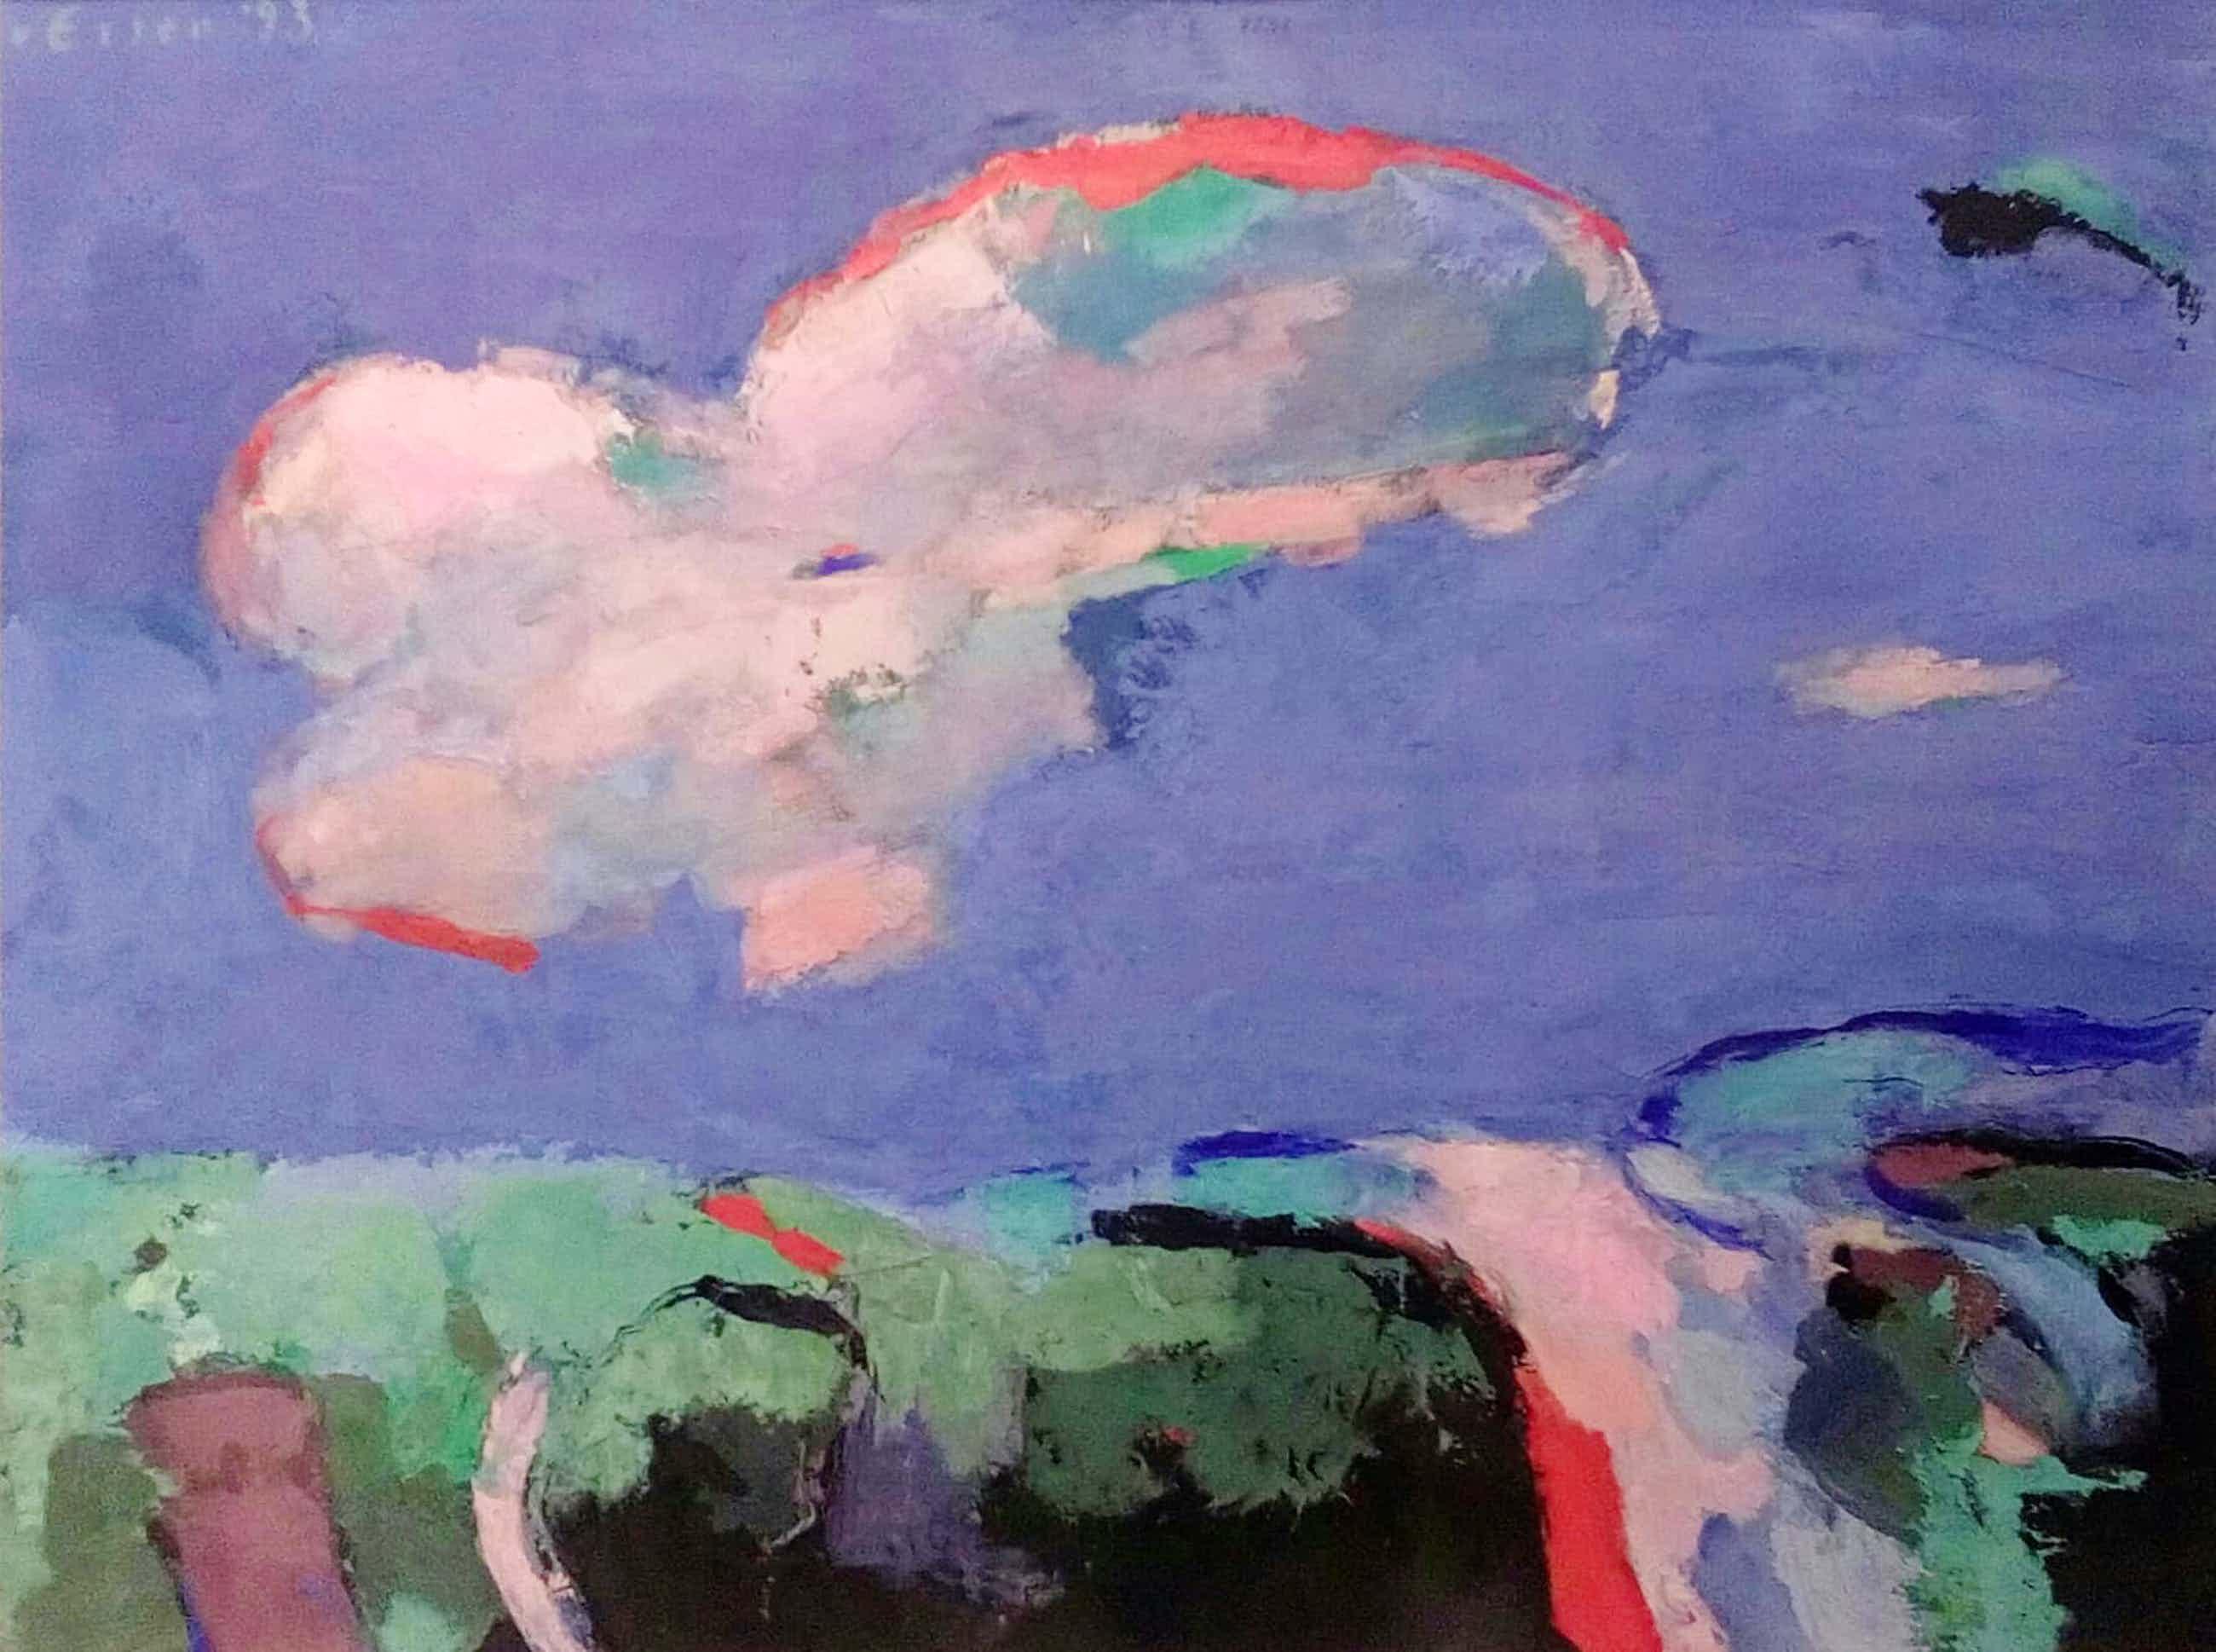 Rob van Essen - tempera schilderij - Wolk boven polder - Ingelijst kopen? Bied vanaf 40!